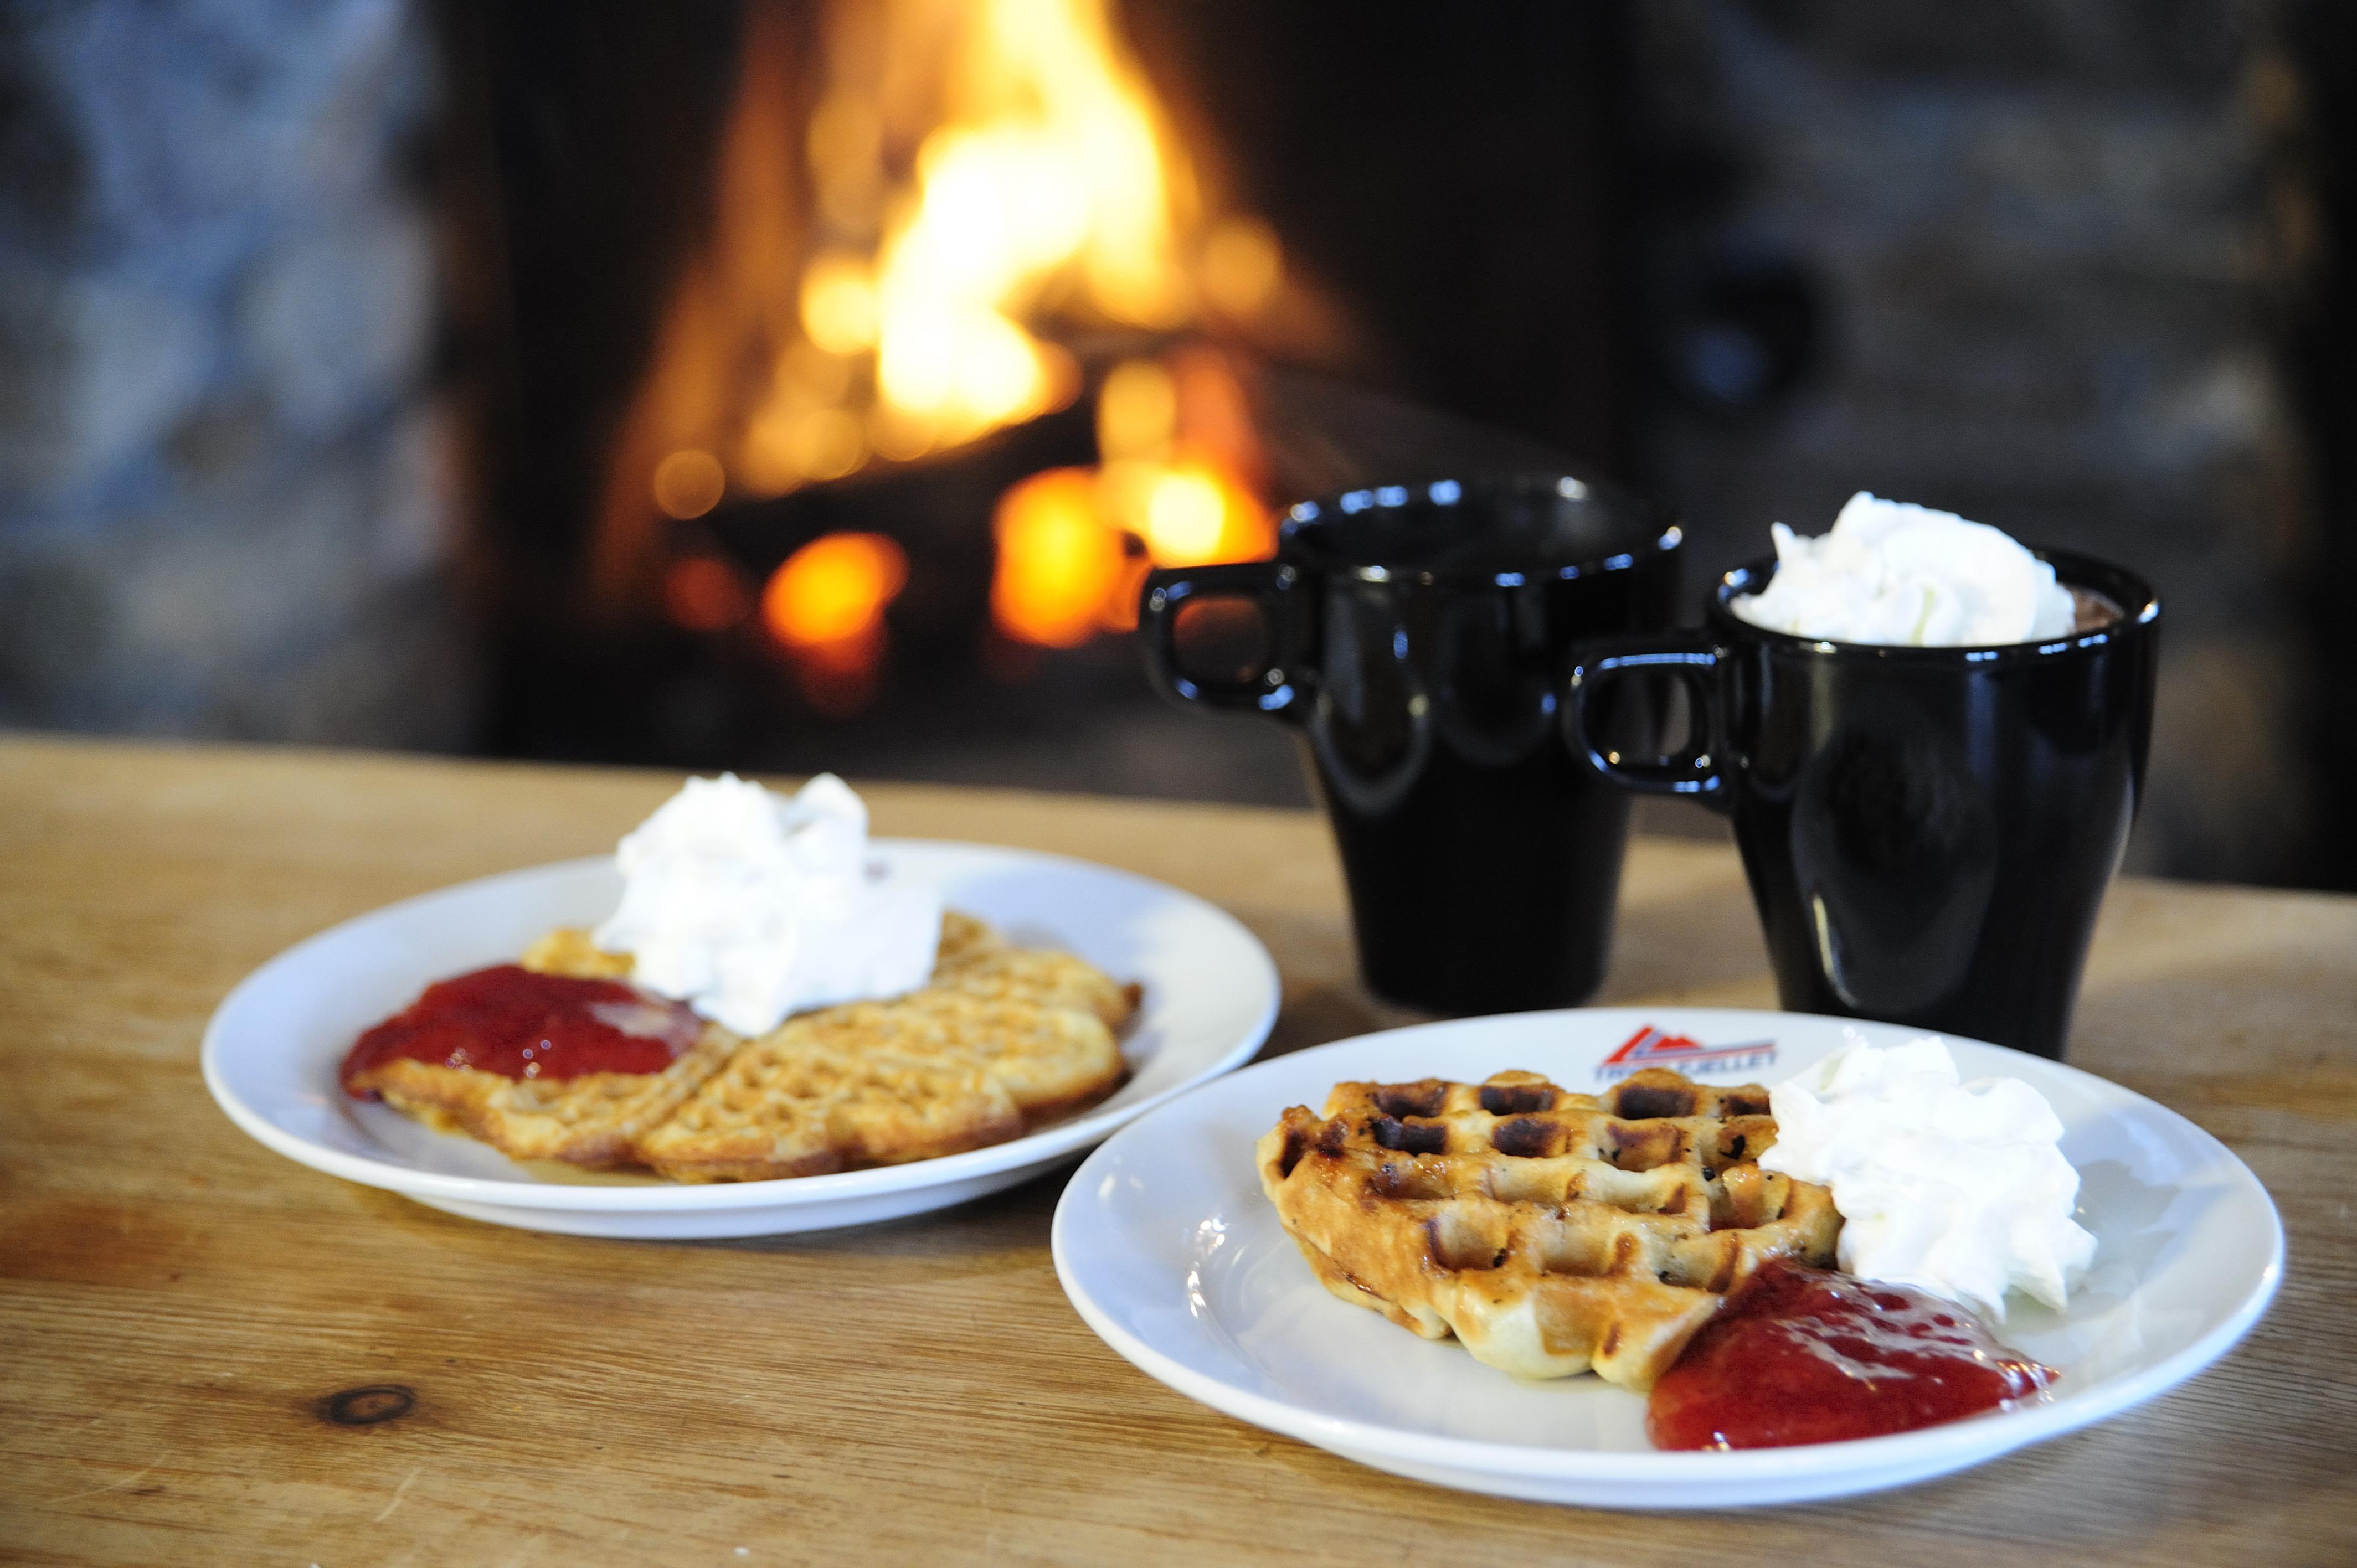 Vaffler og kakao i Vaffelstua. Foto: Utefoto.no